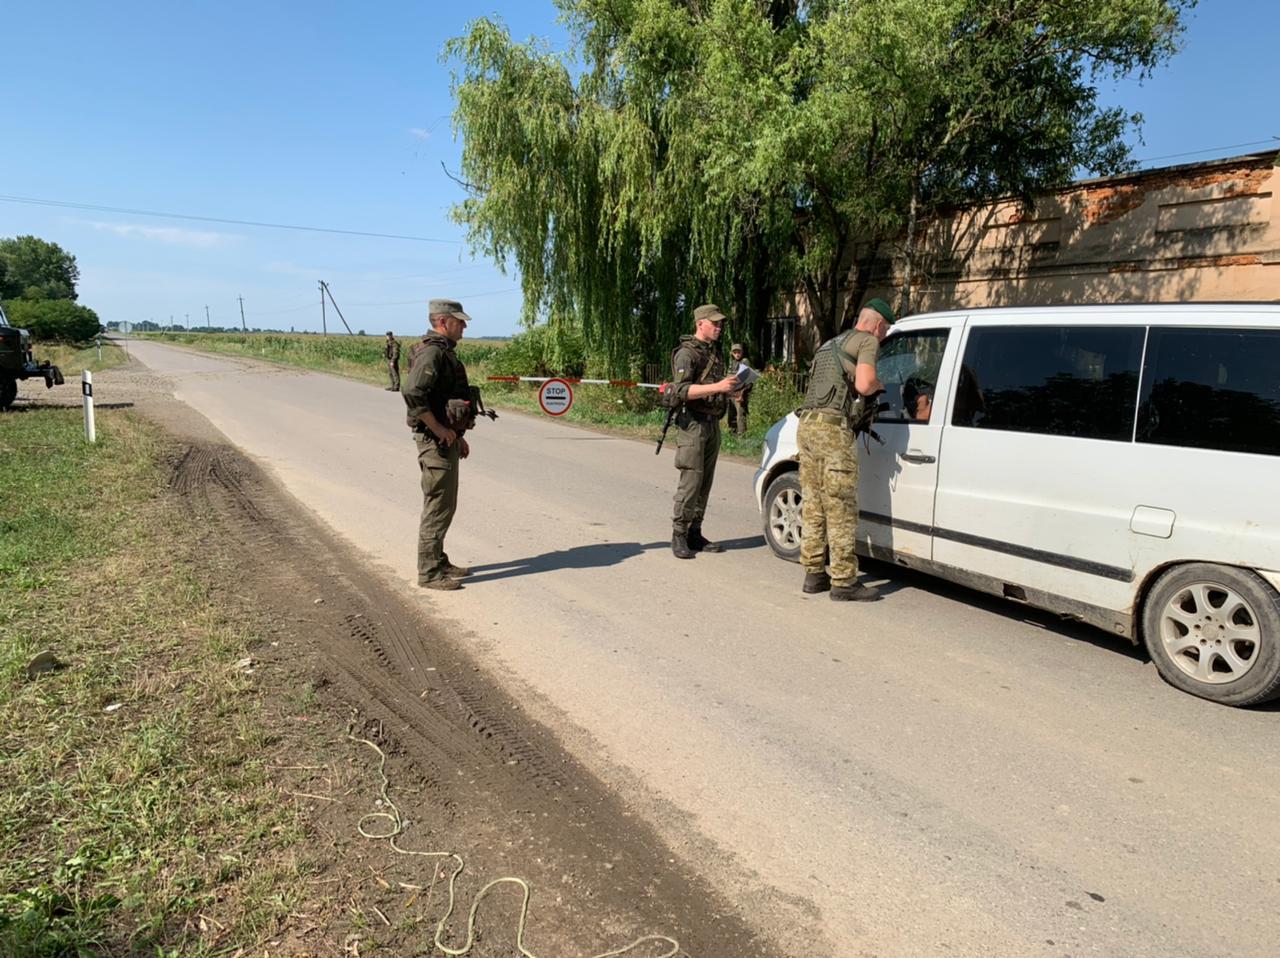 На Закарпатті триває операція «Карпати - 2021», яка проводиться за ініціативи Державної прикордонної служби України.